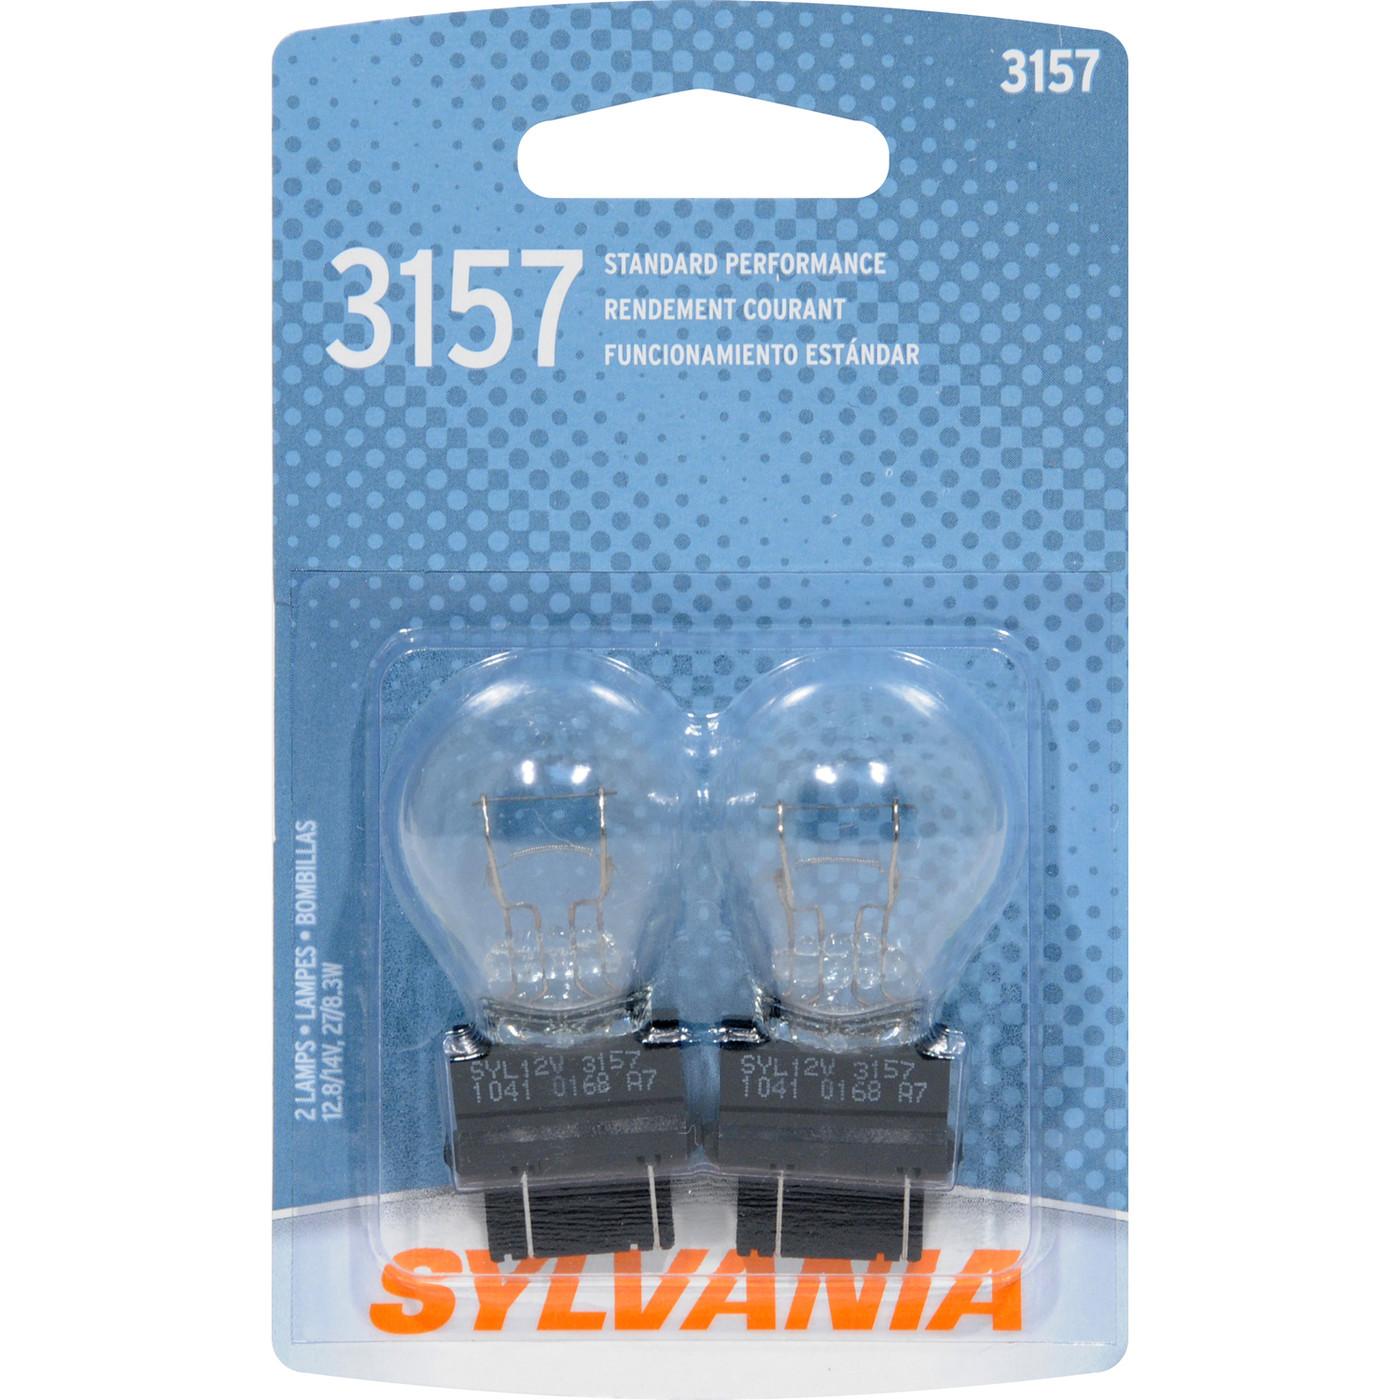 SYLVANIA RETAIL PACKS - Blister Pack Twin Cornering Light Bulb - SYR 3157.BP2